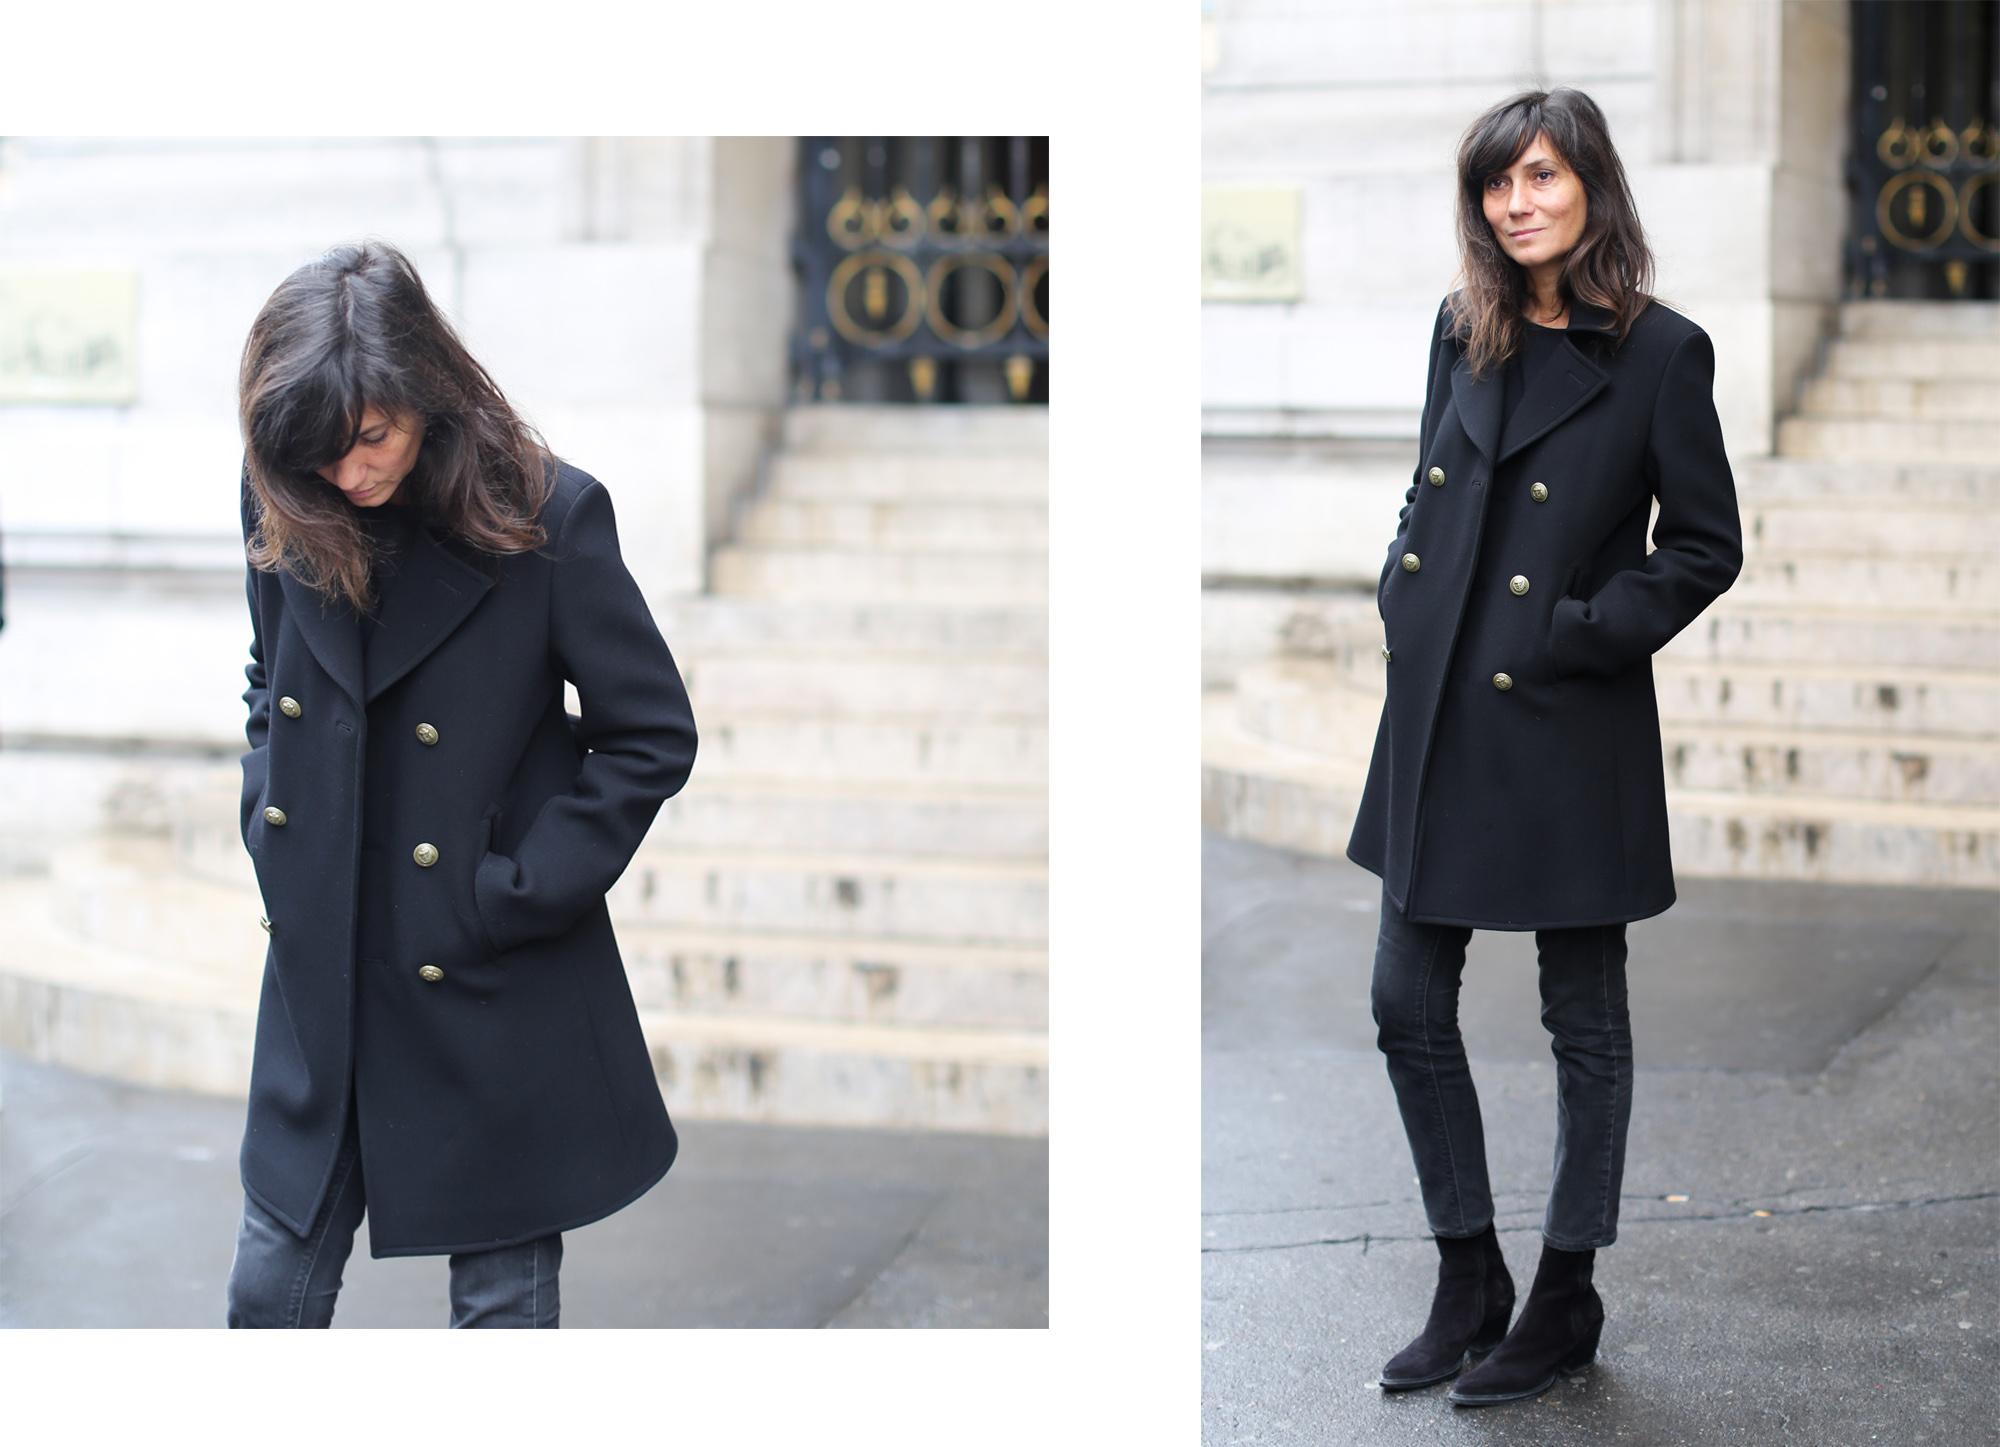 Clochet-streetstyle-paris-fashion-week-emmanuelle-alt-geraldine-saglio-8